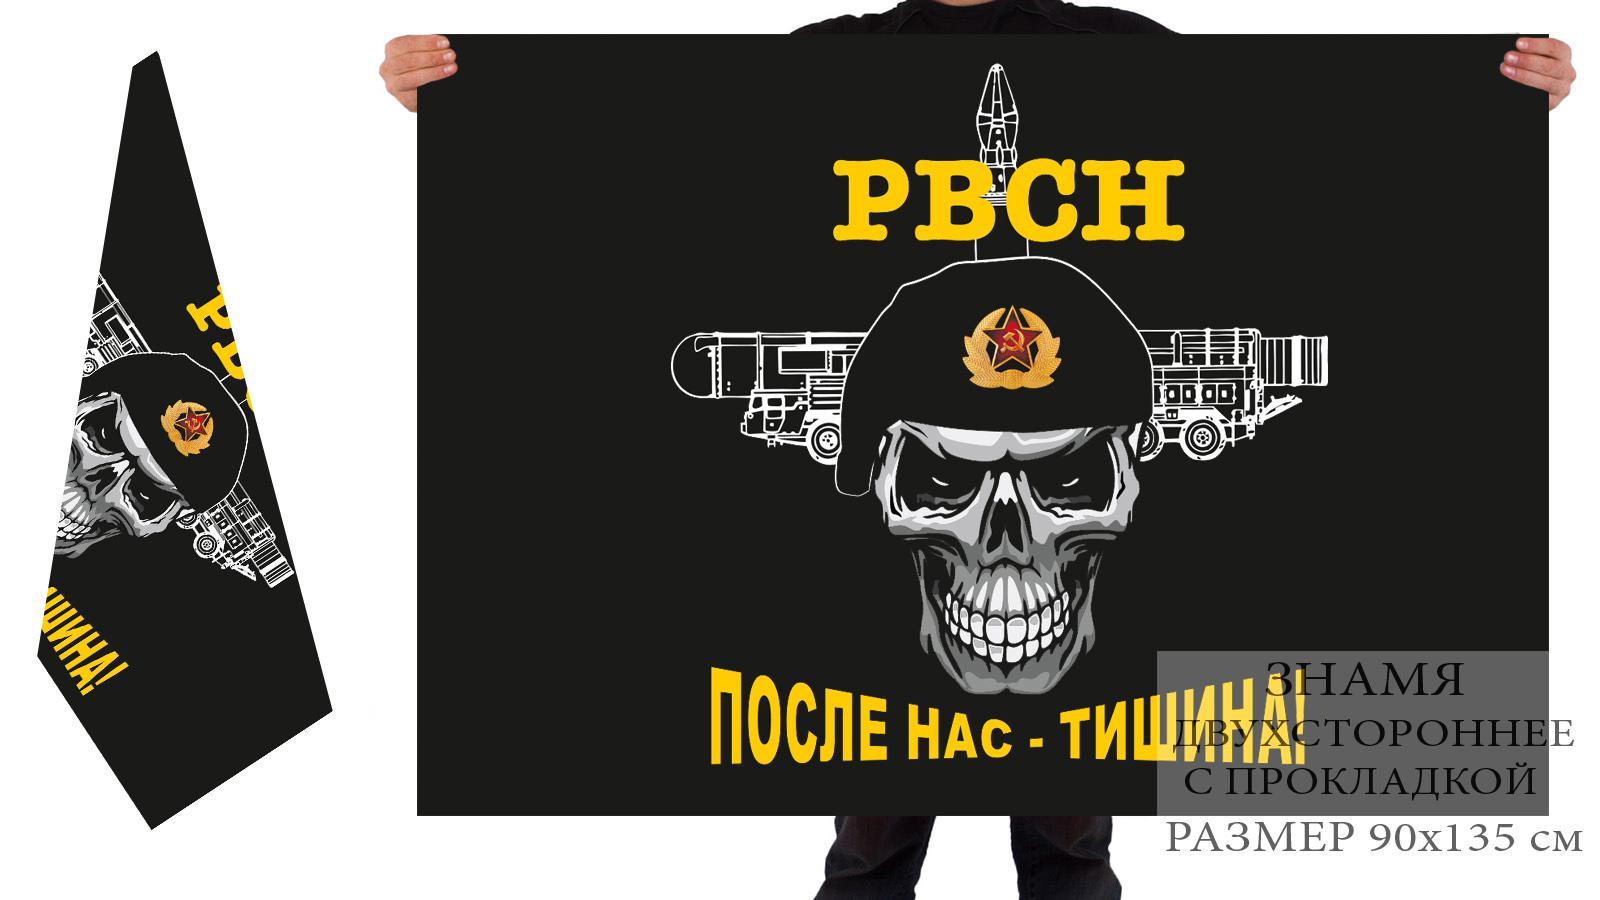 Двусторонний флаг РВСН с черепом